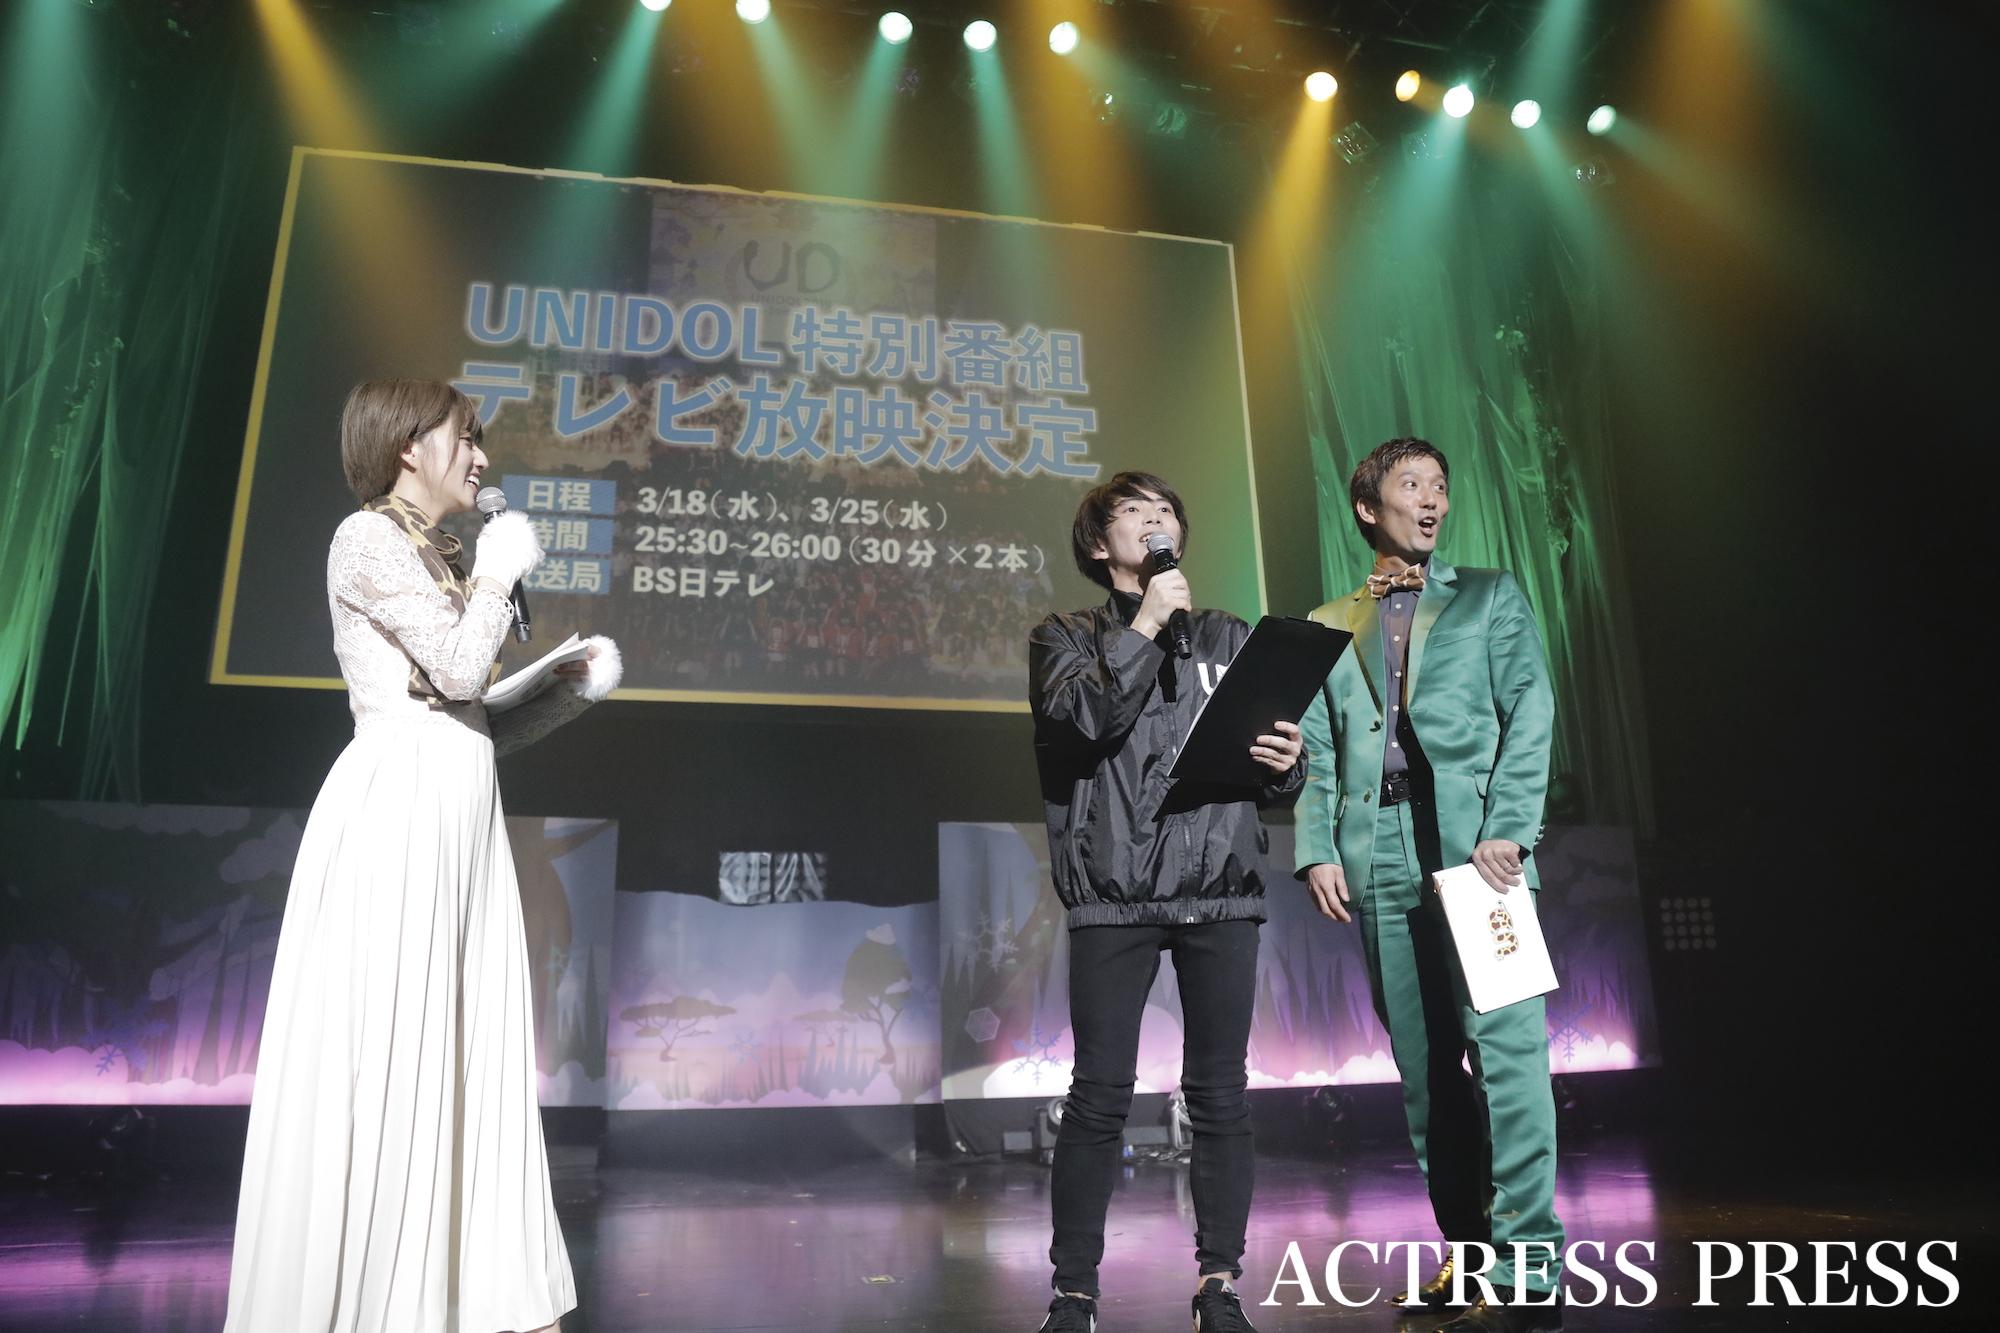 2020年2月13日、全国大学対抗アイドルコピーダンスコンテスト「UNIDOL2019-20 Winter supported by Sammy」/撮影:ACTRESS PRESS編集部